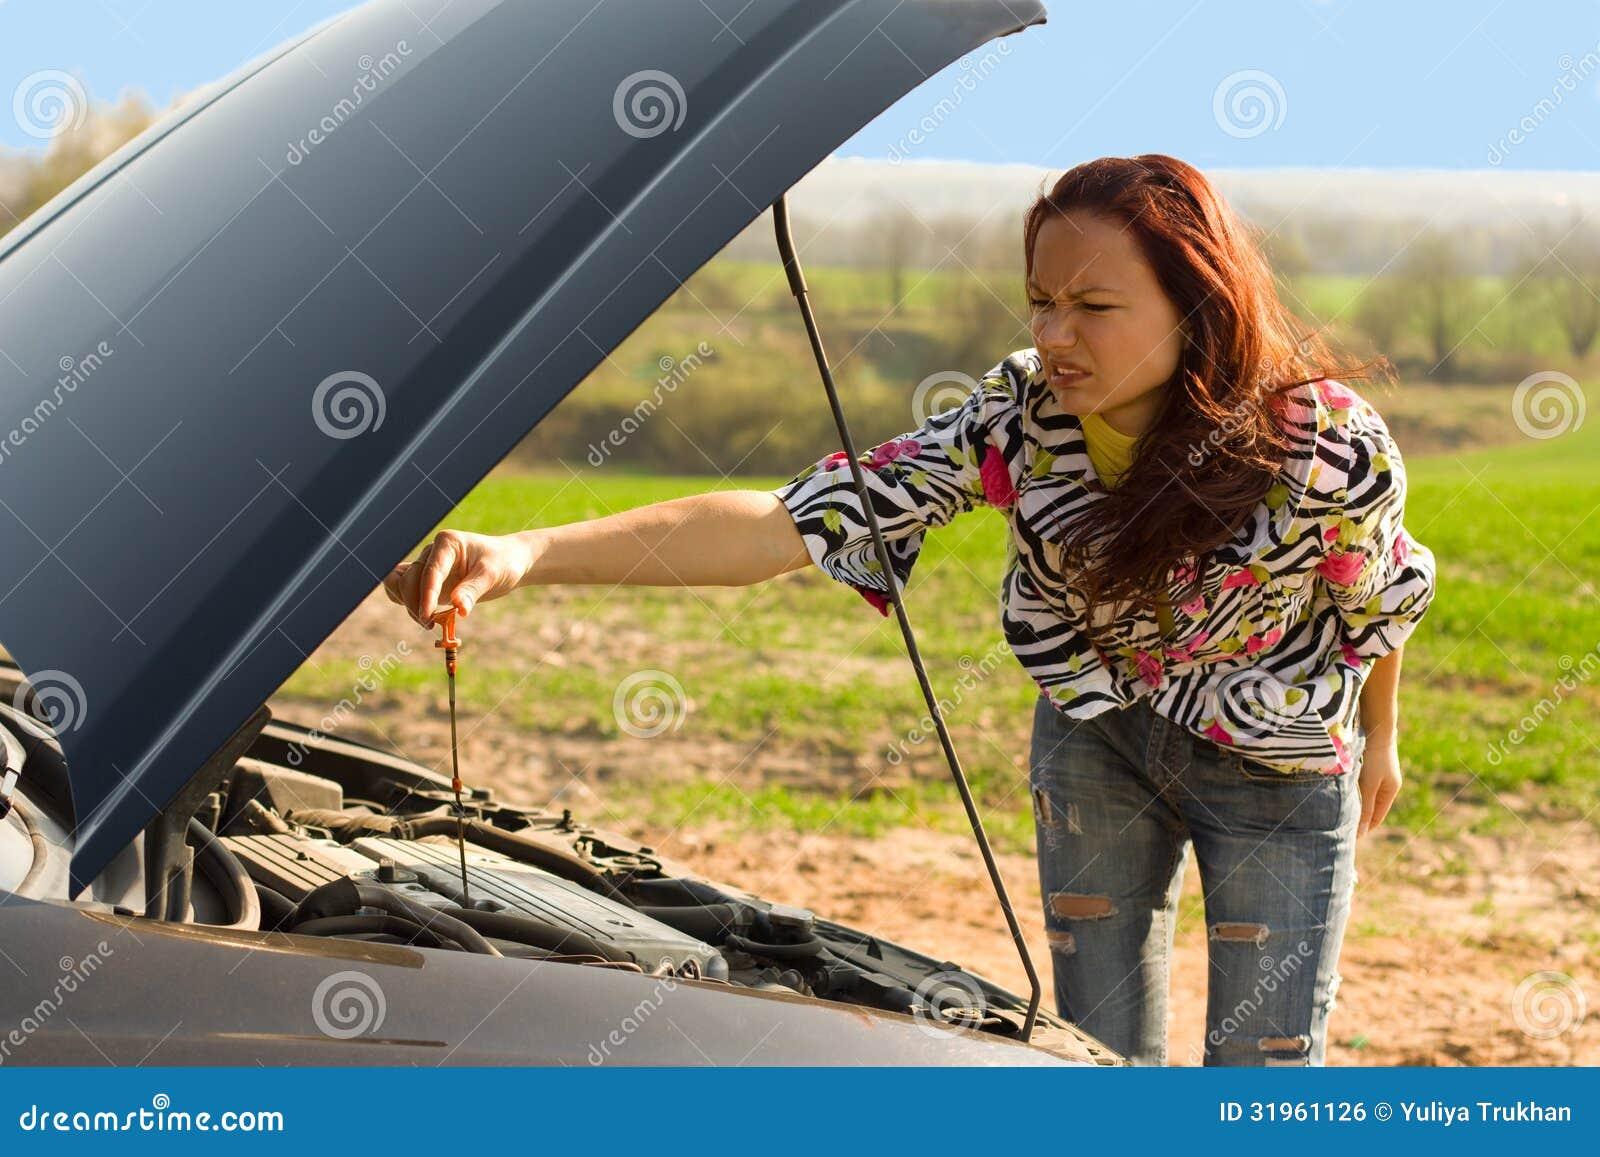 teen bend over car